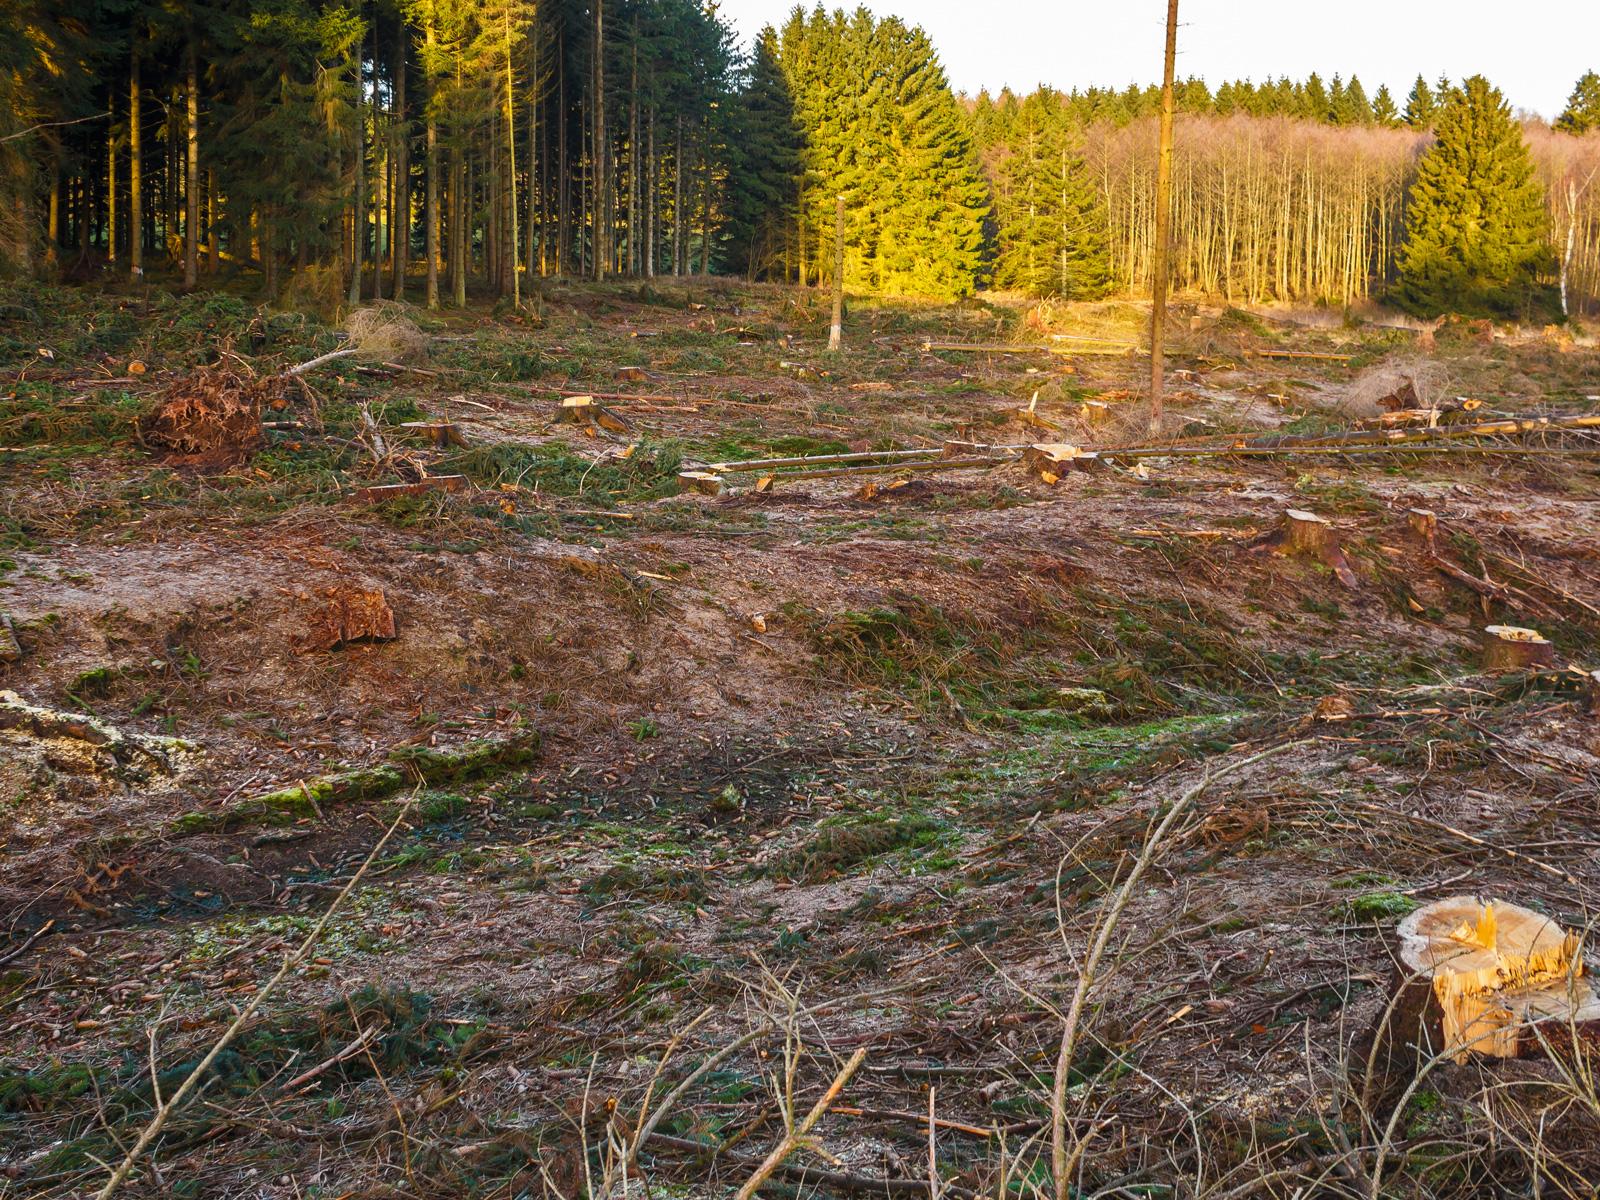 freigelegter Mineralboden ohne Humusschicht